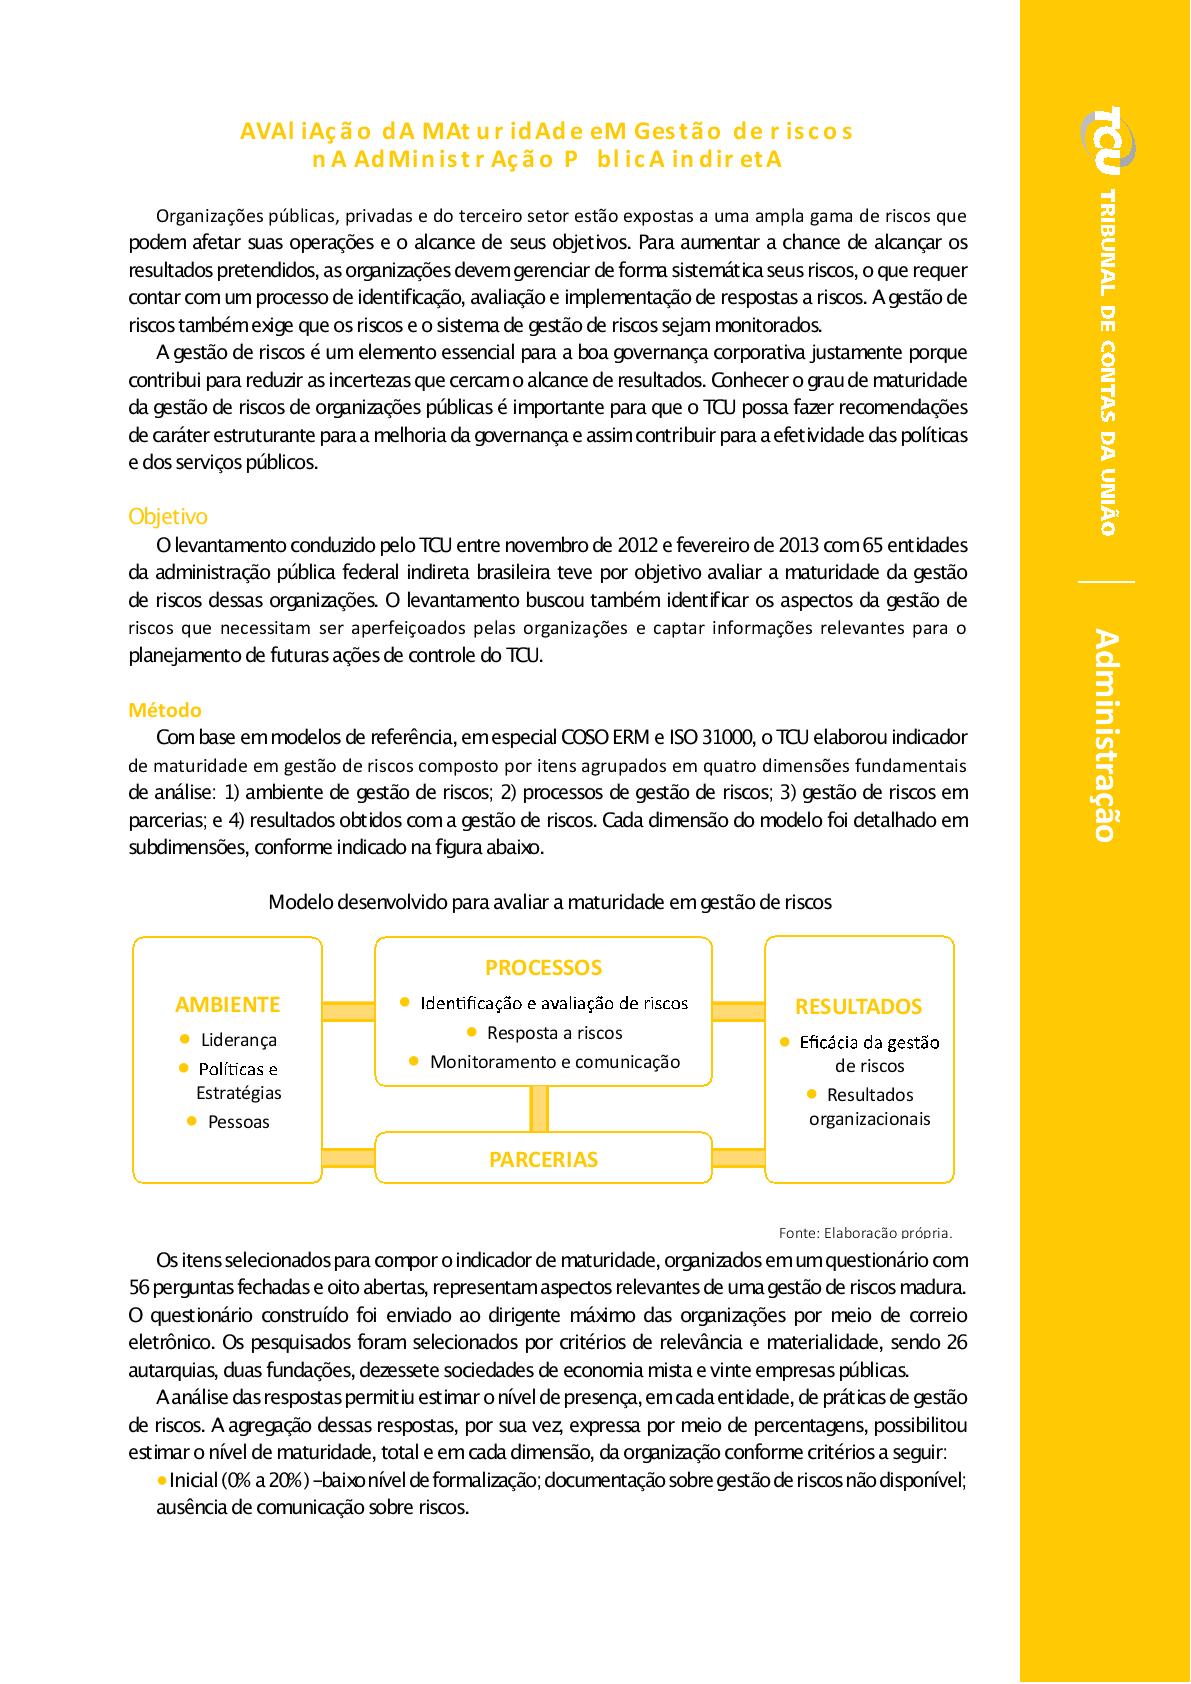 9fabb16963 Avaliação da Maturidade em Gestão de Riscos na Administração Pública  Indireta